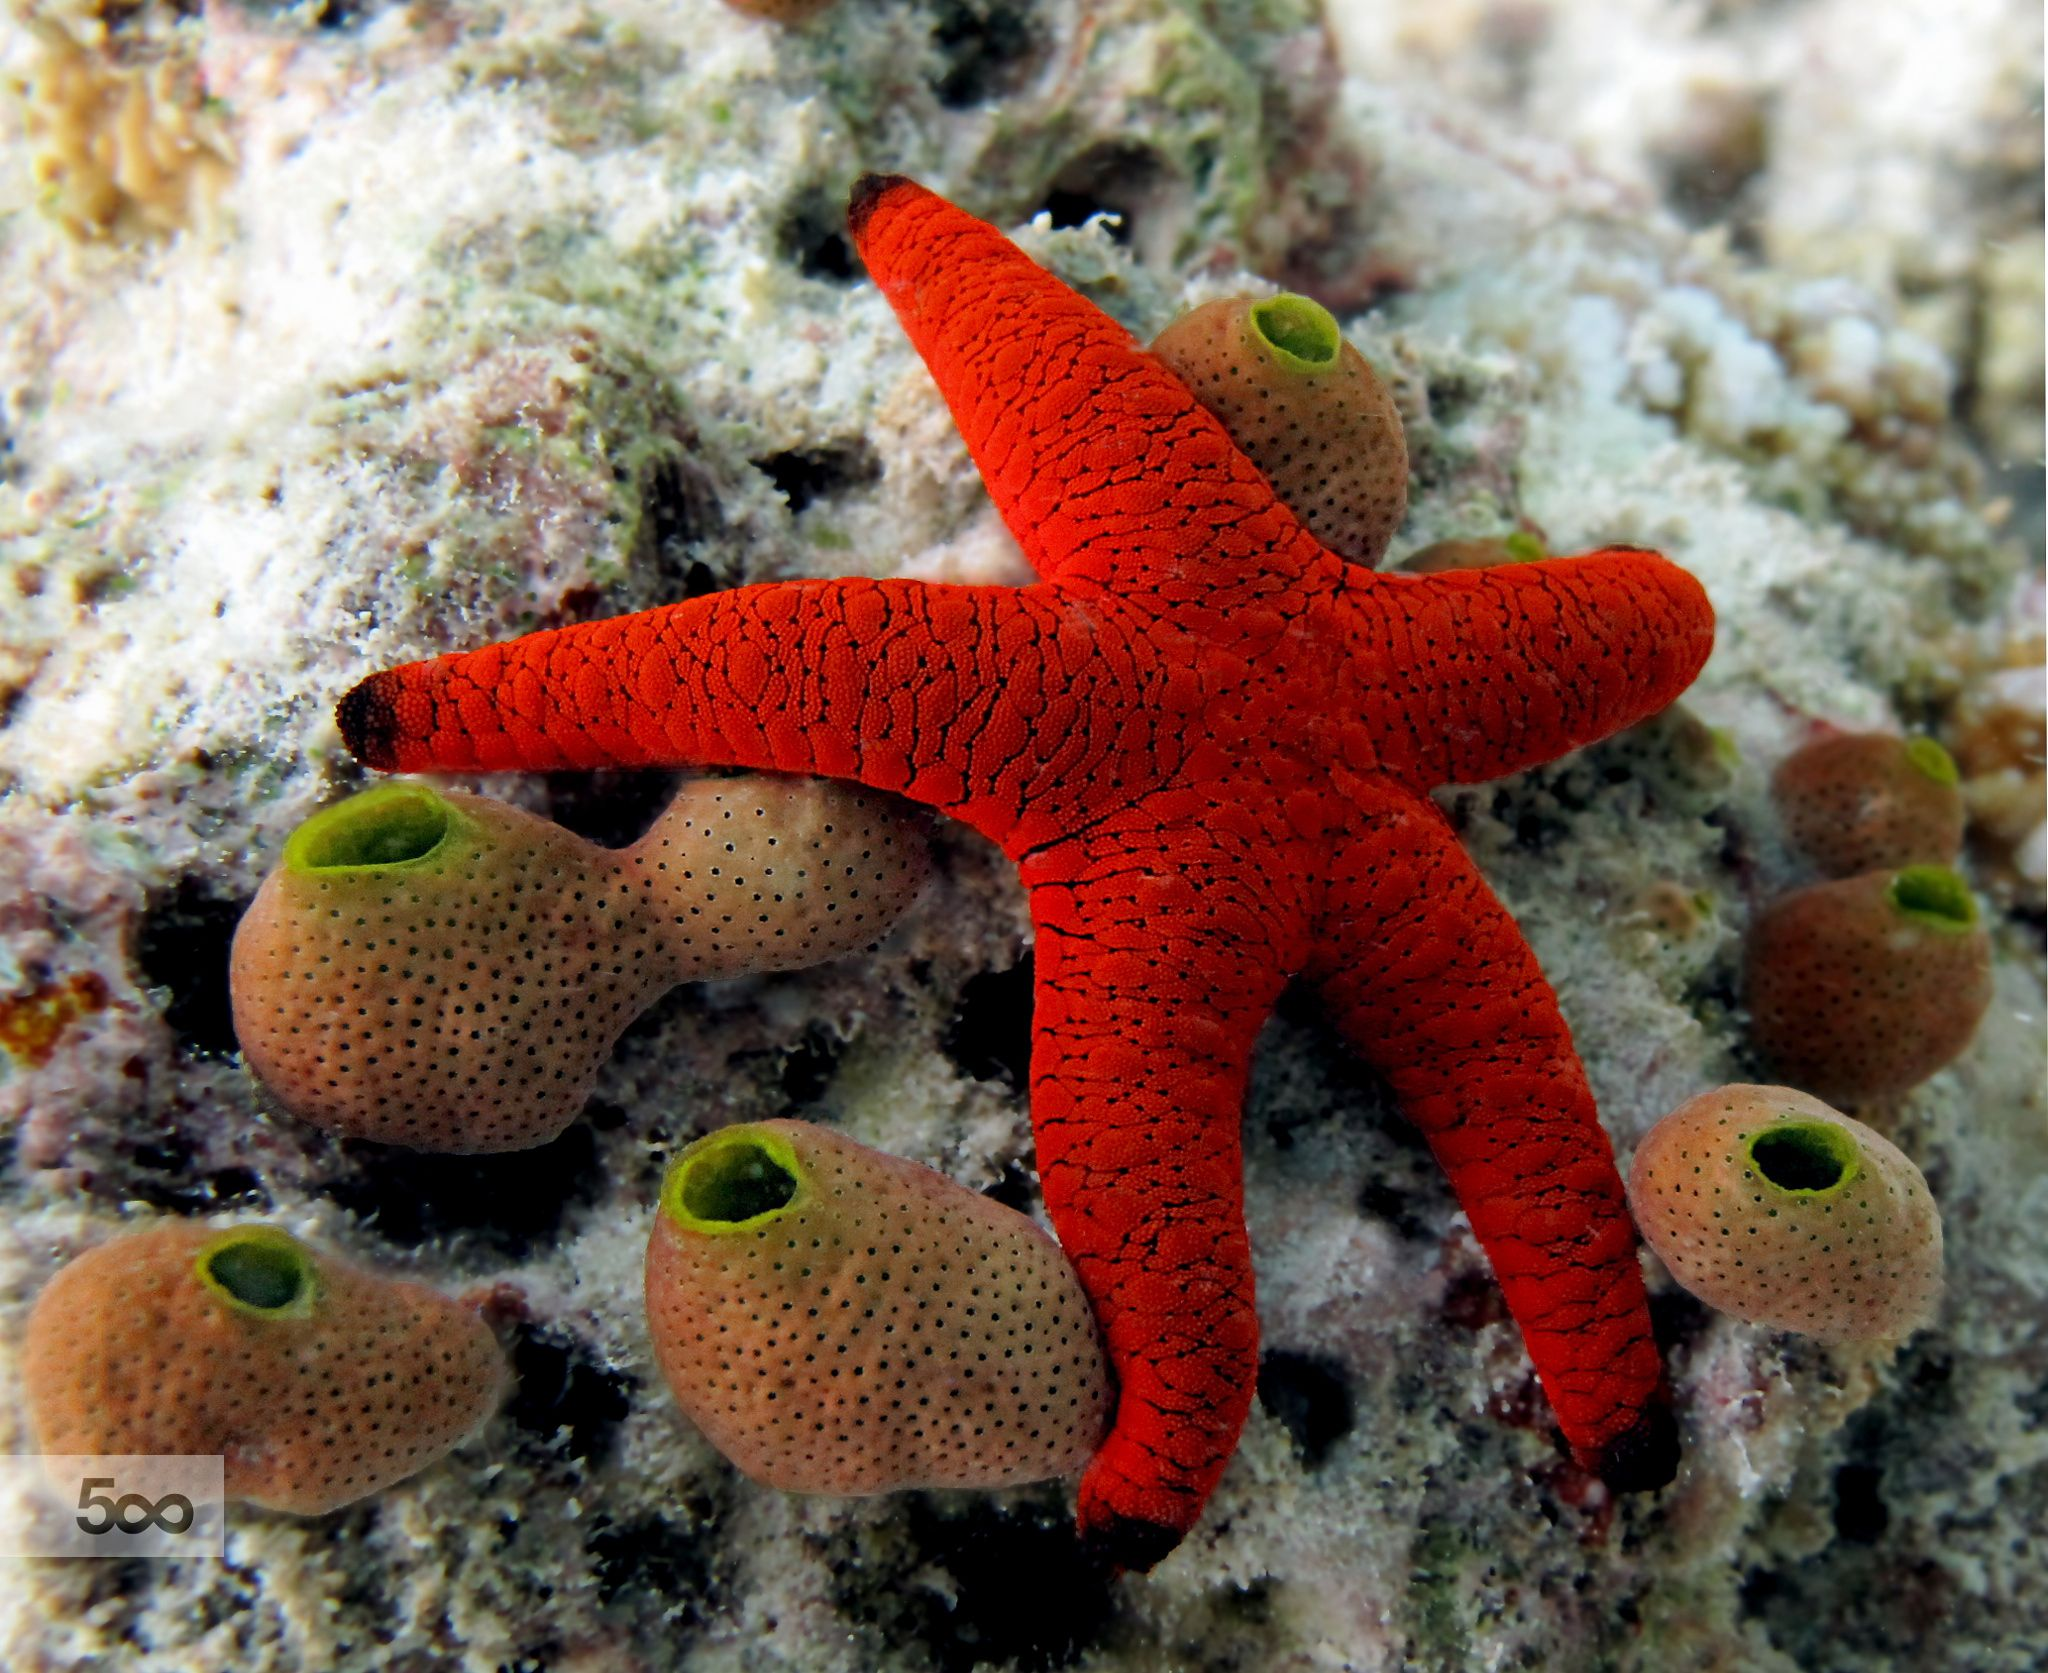 Pin on Freshwater Aquarium Fish Saltwater Fish